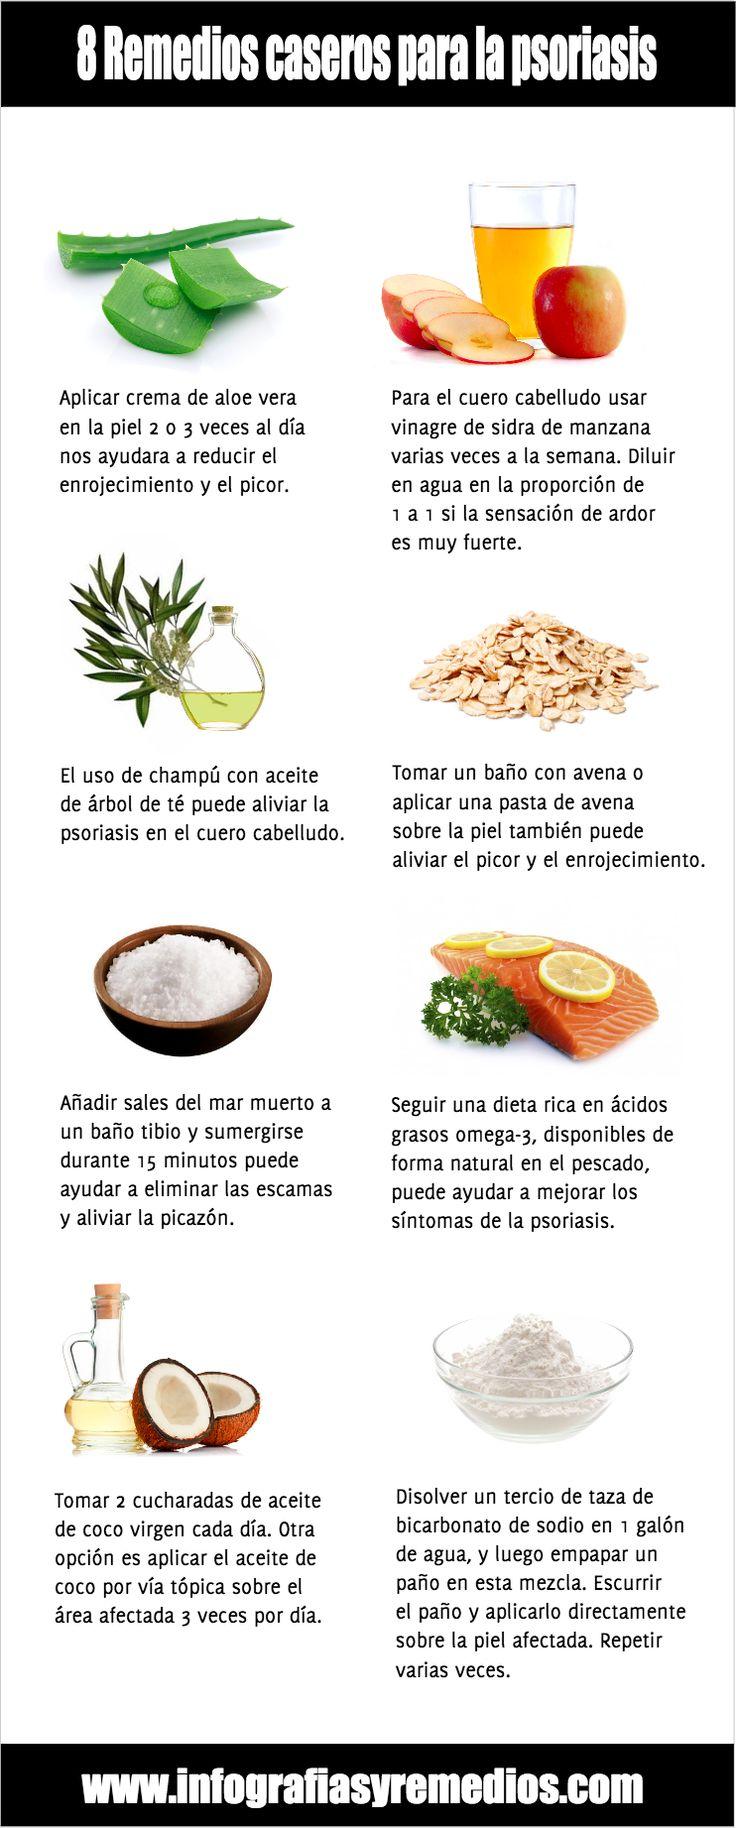 Las medicinas para el tratamiento de la psoriasis de las uñas